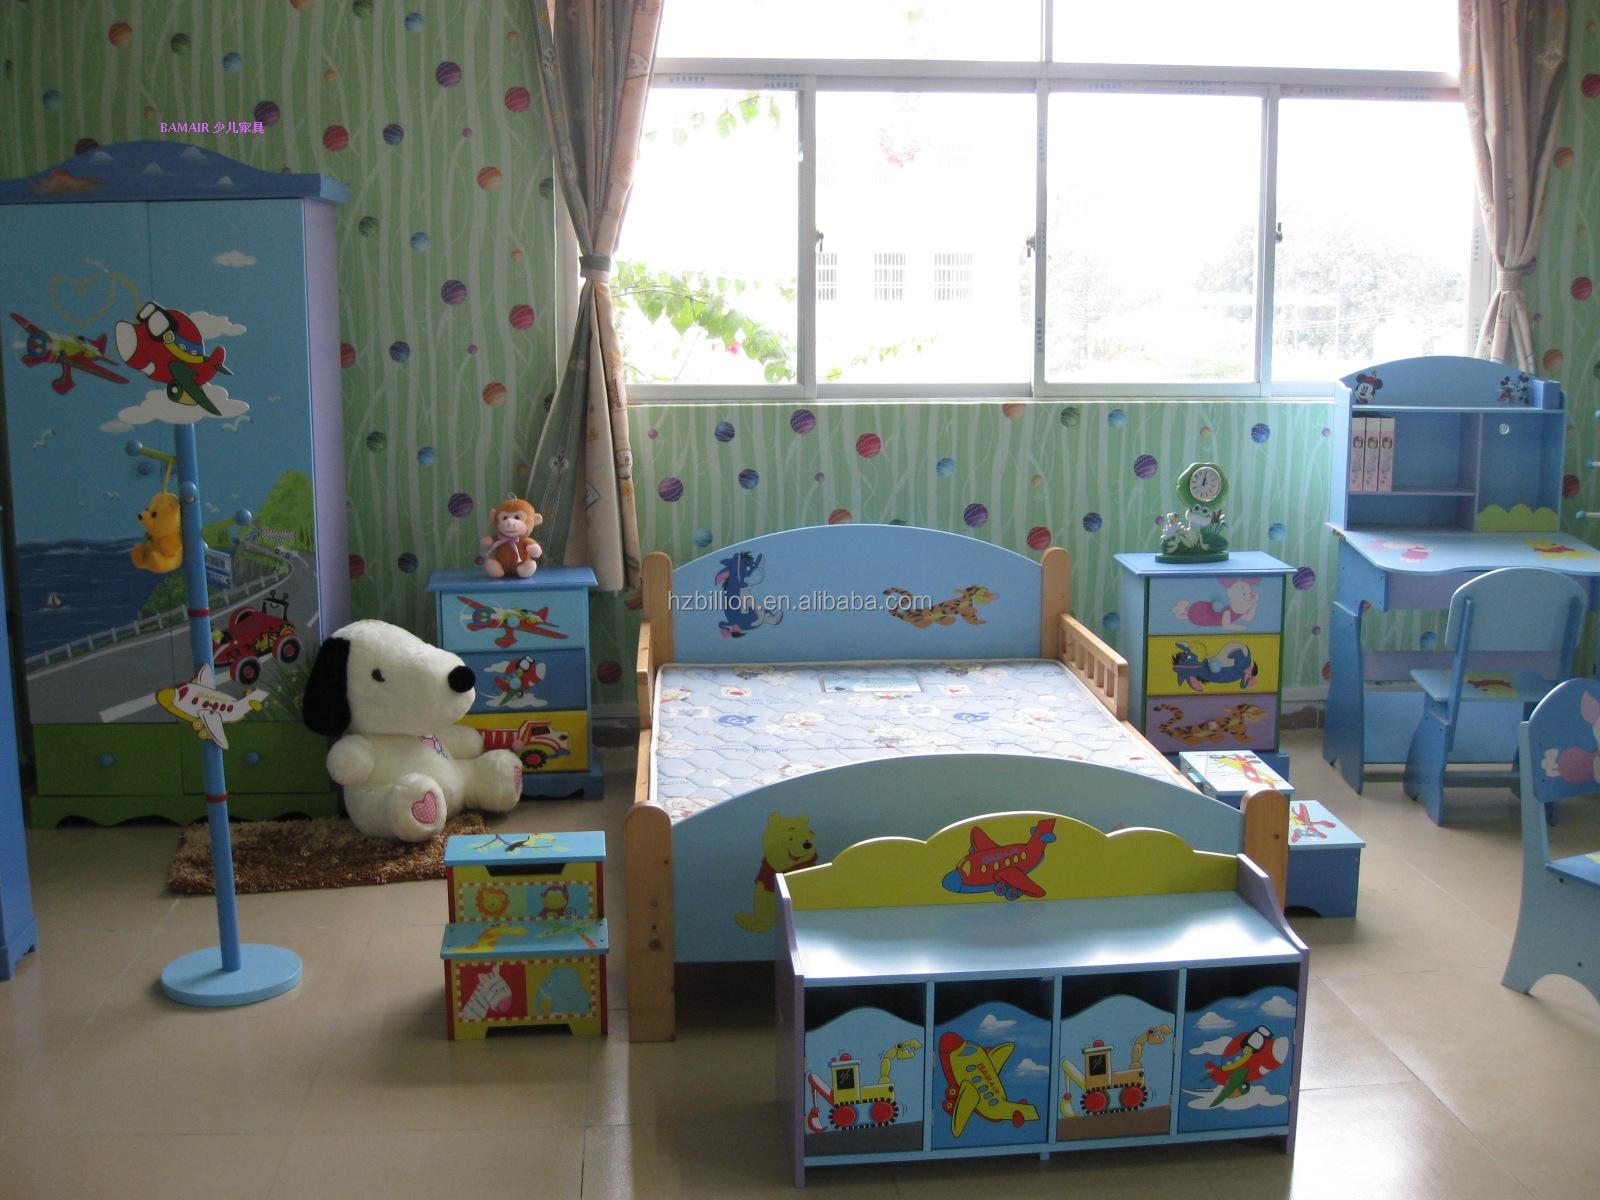 top venta caliente mdf y madera maciza prncipe nios muebles de dormitorio juegos